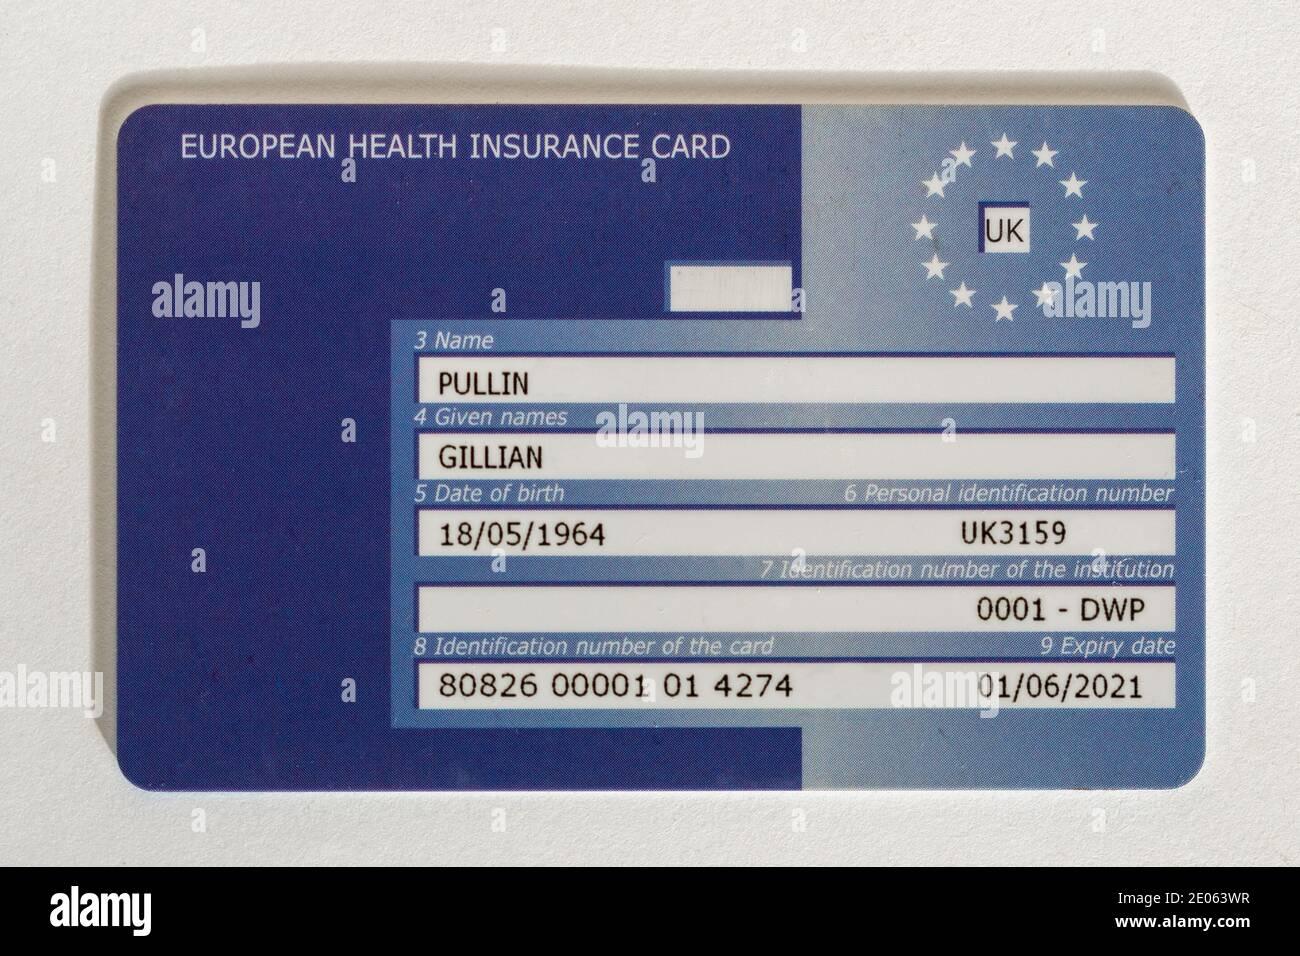 ehic card european health insurance card uk 2E063WR - Ehic Card Application Under 16